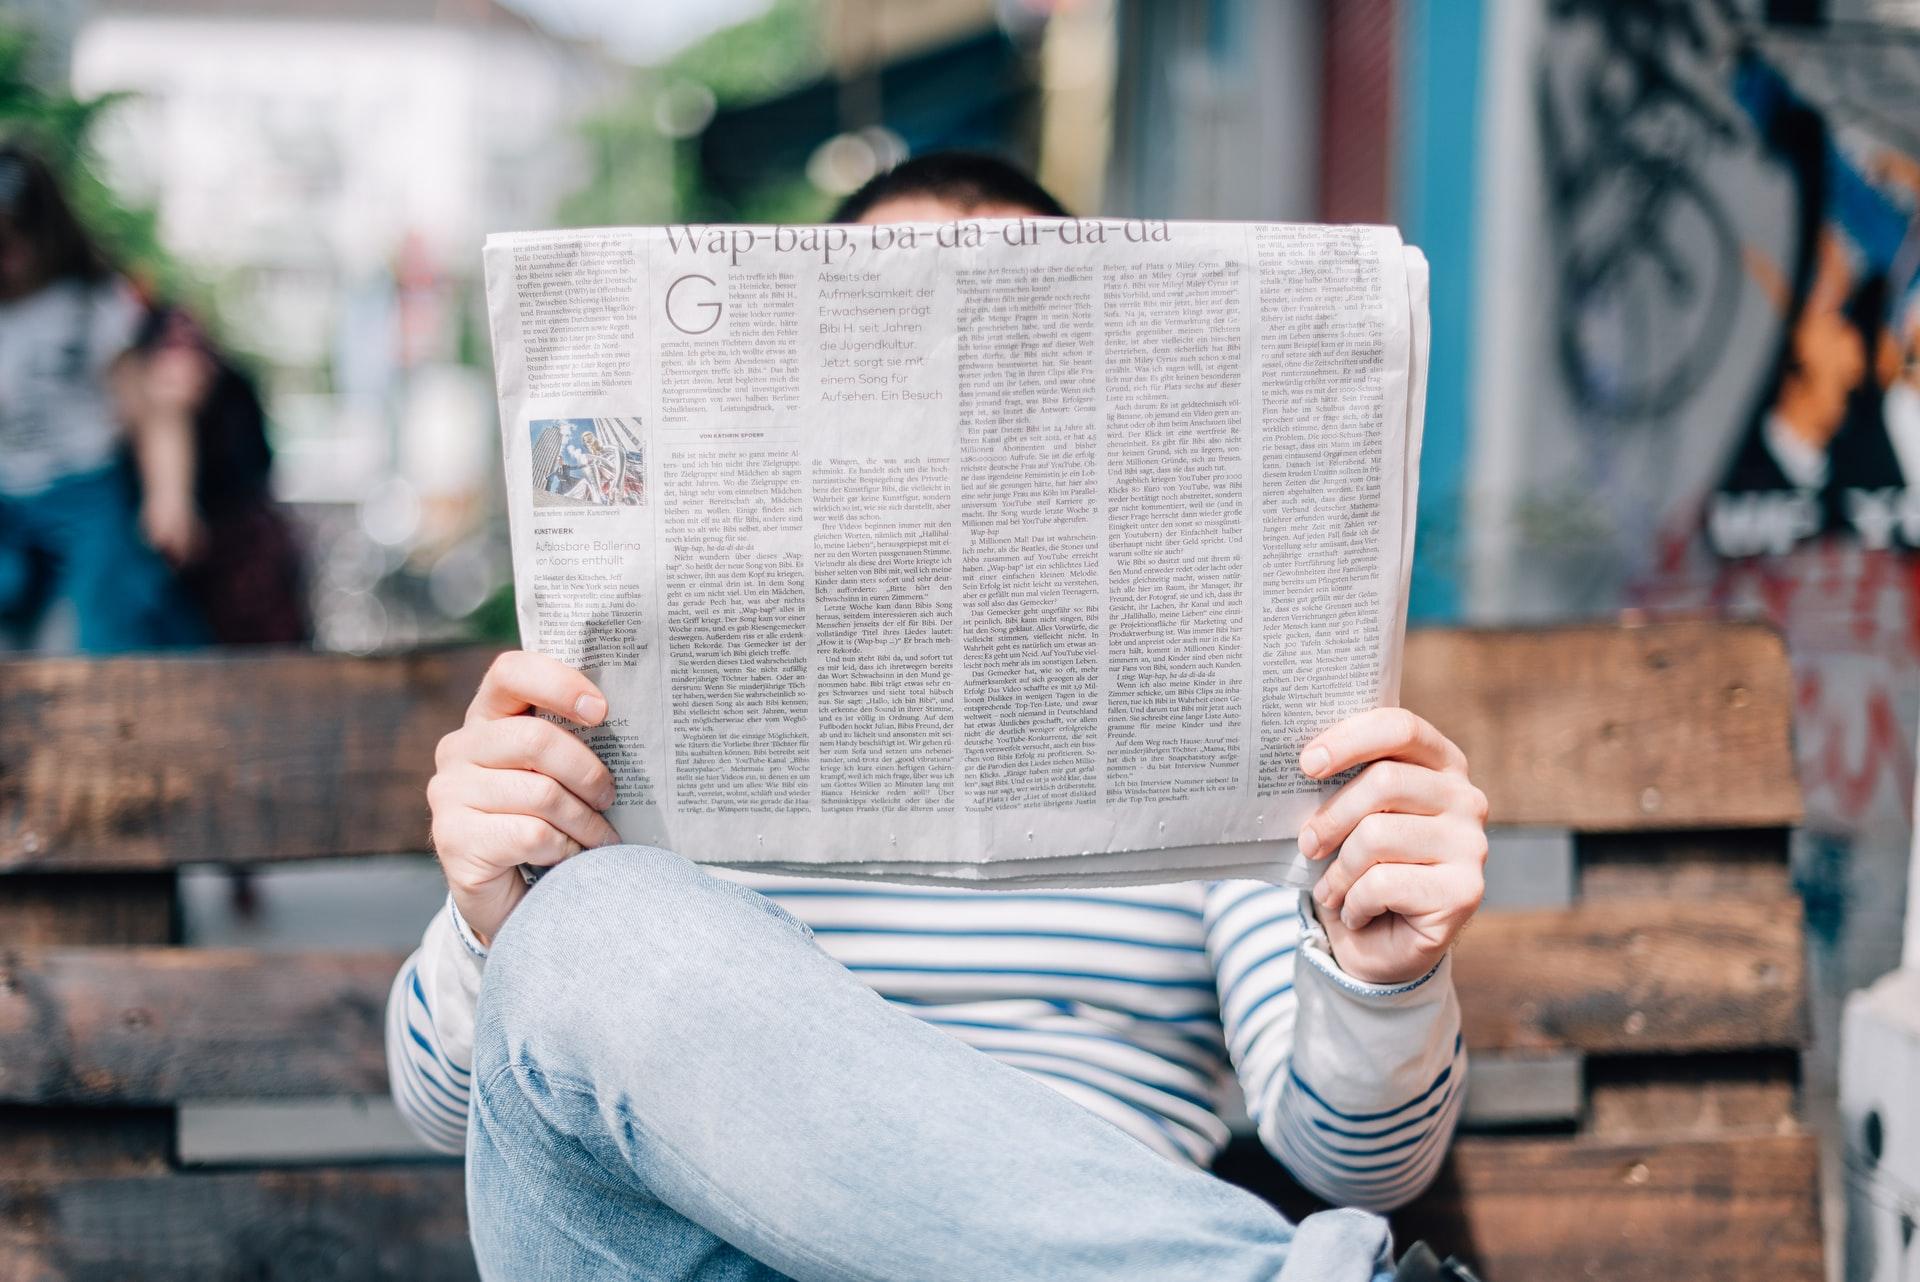 europai bizottsag magatartasi kodex alhirek alhir dezinformacio